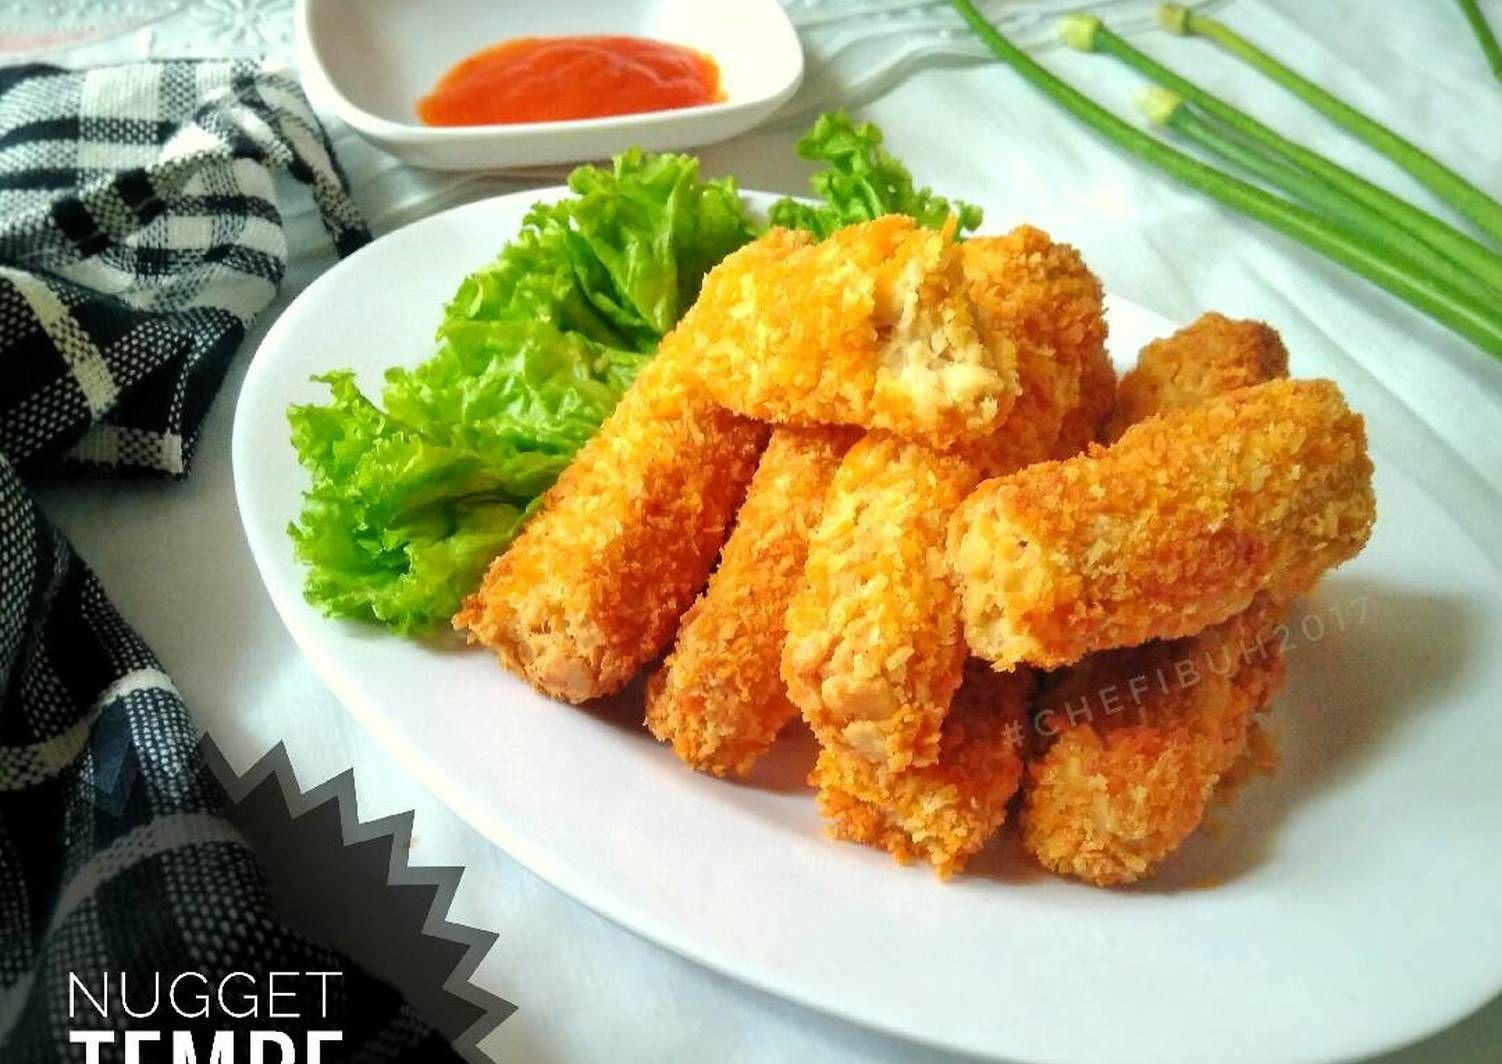 Resep Nugget Tempe Oleh Kikynov Resep Makan Siang Resep Sederhana Makanan Dan Minuman